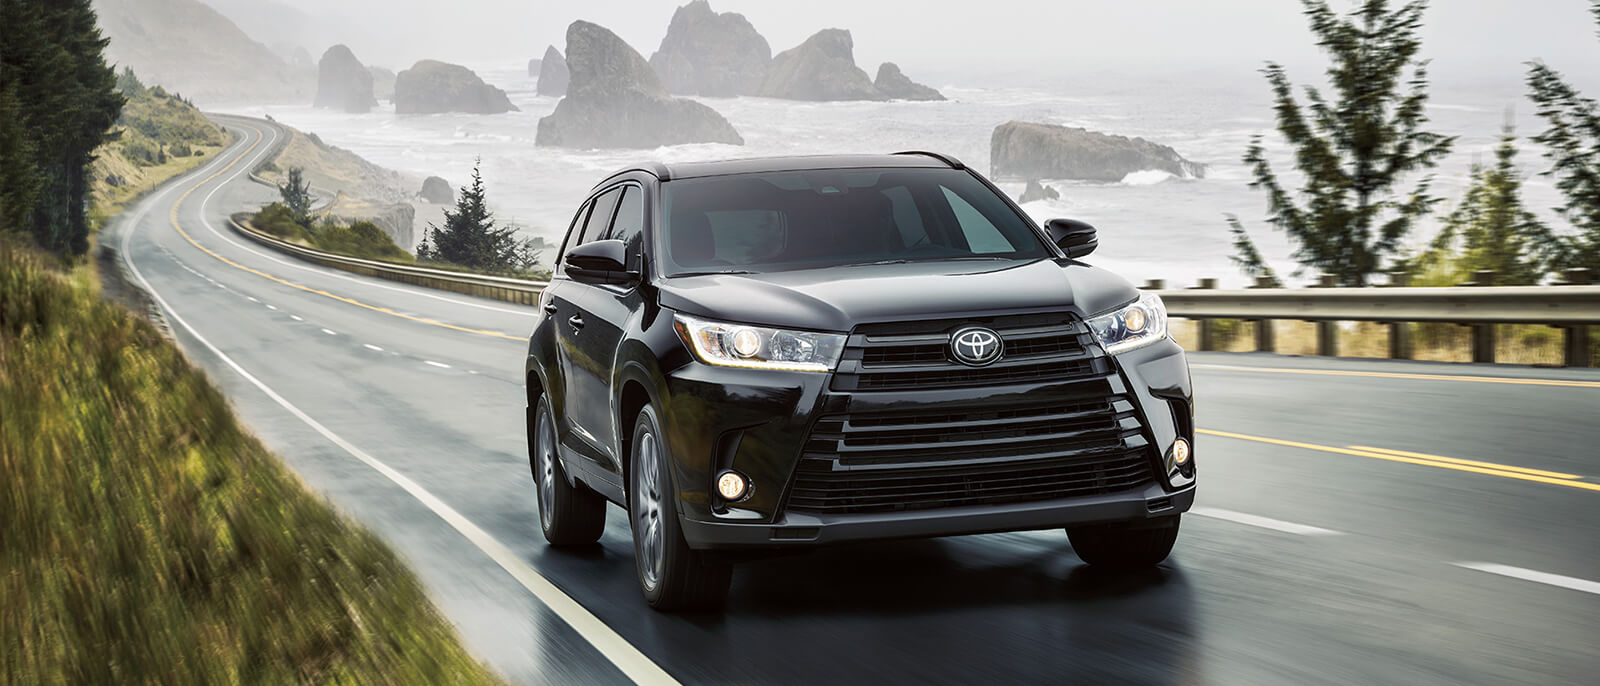 2017-Toyota-Highlander-Slide1